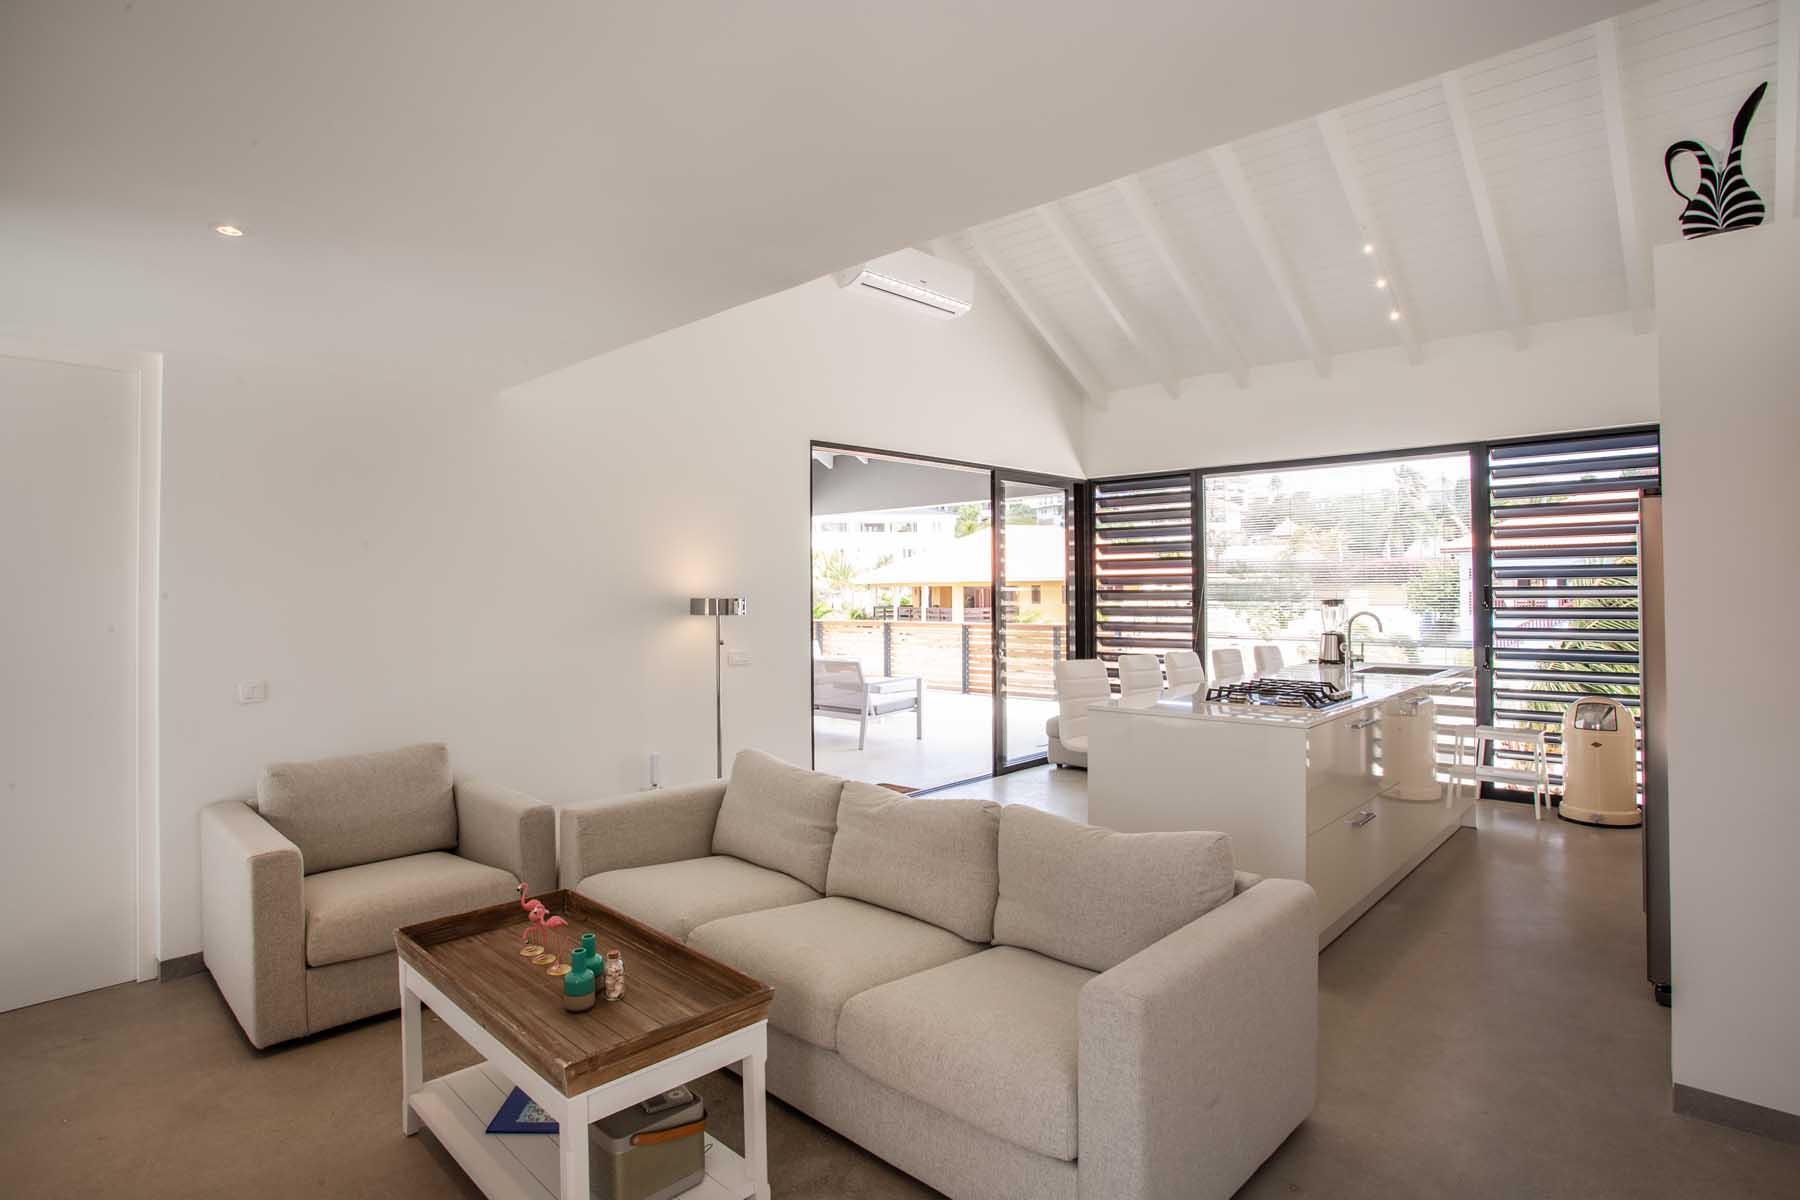 Interieur Design Woonkamer : Interieur jan thiel architectuur design woonkamer keuken ihc